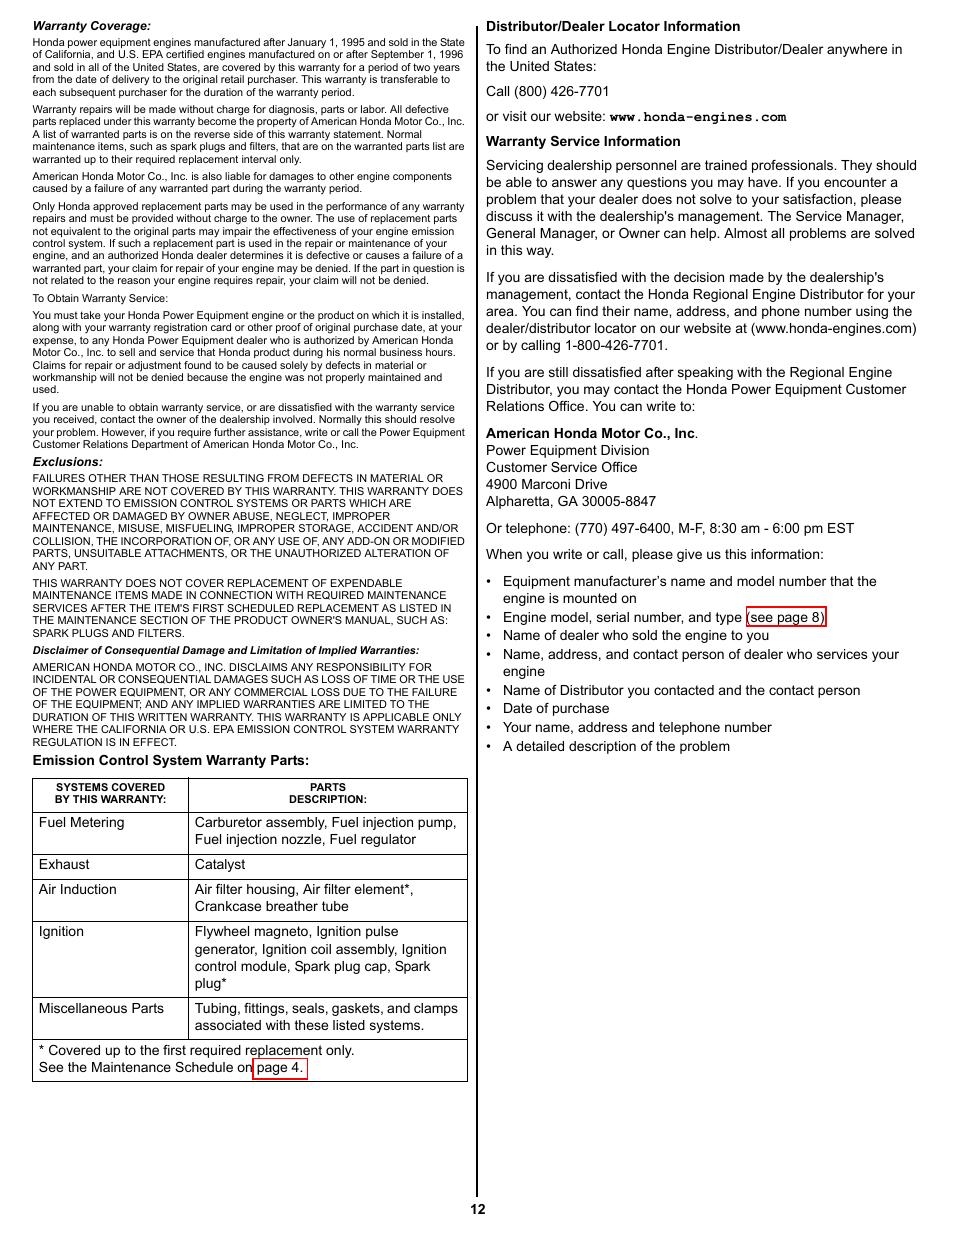 Honda Gxv390 Parts Diagram Schematic Diagrams Gc160 5 0 Engine Spring Warranty Service Information User Manual Page 12 50